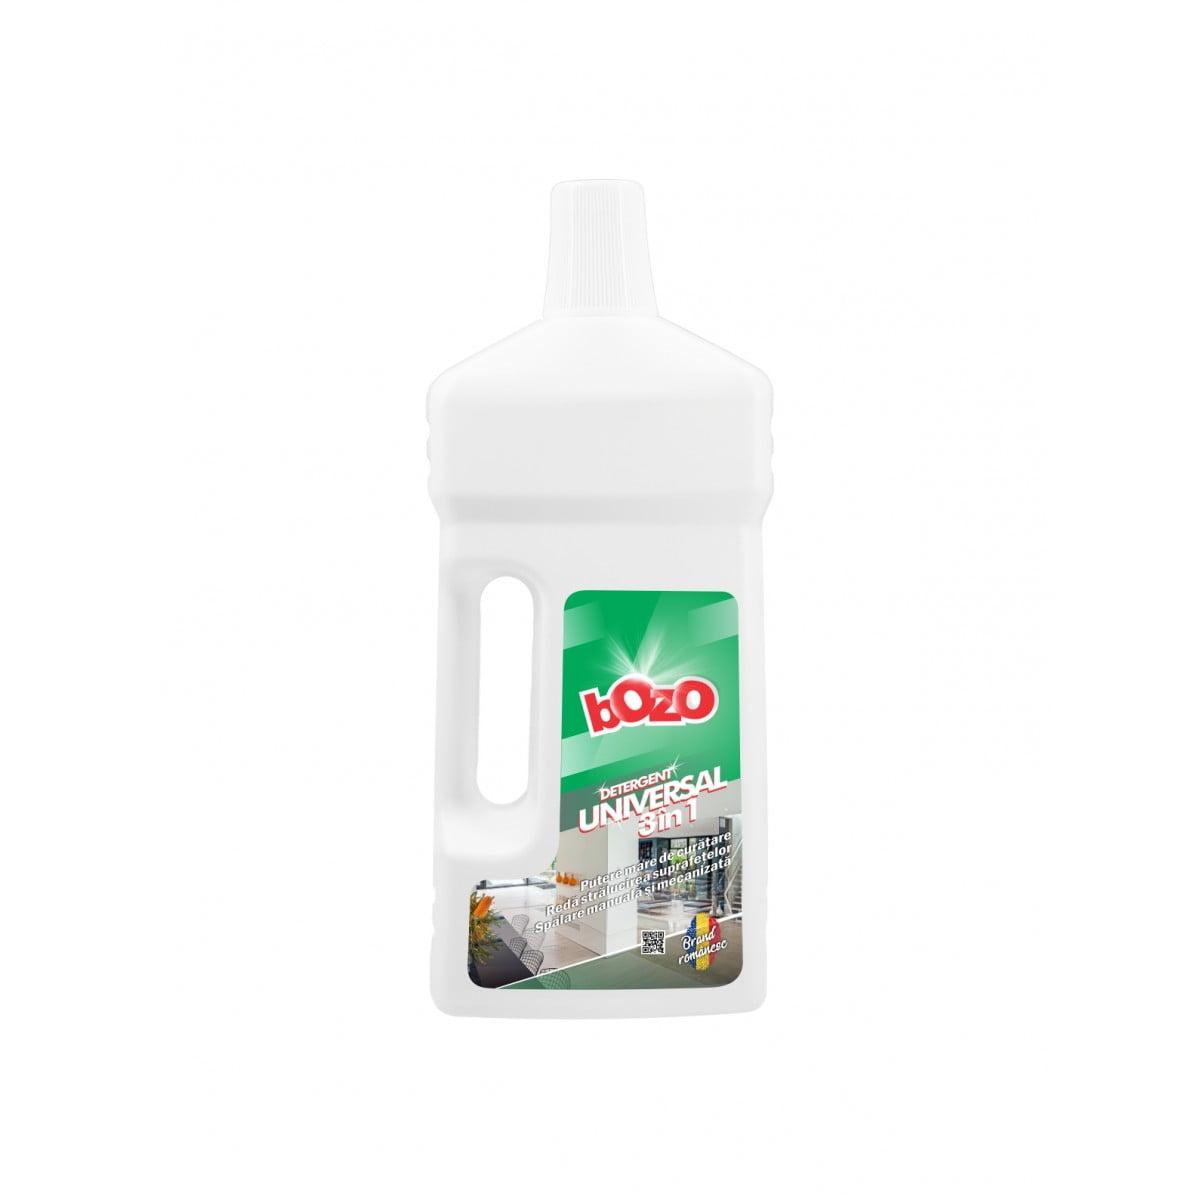 Detergent concentrat universal 3 in 1 (textile, suprafete, covoare), Bozo, 1 kg poza somnart.ro